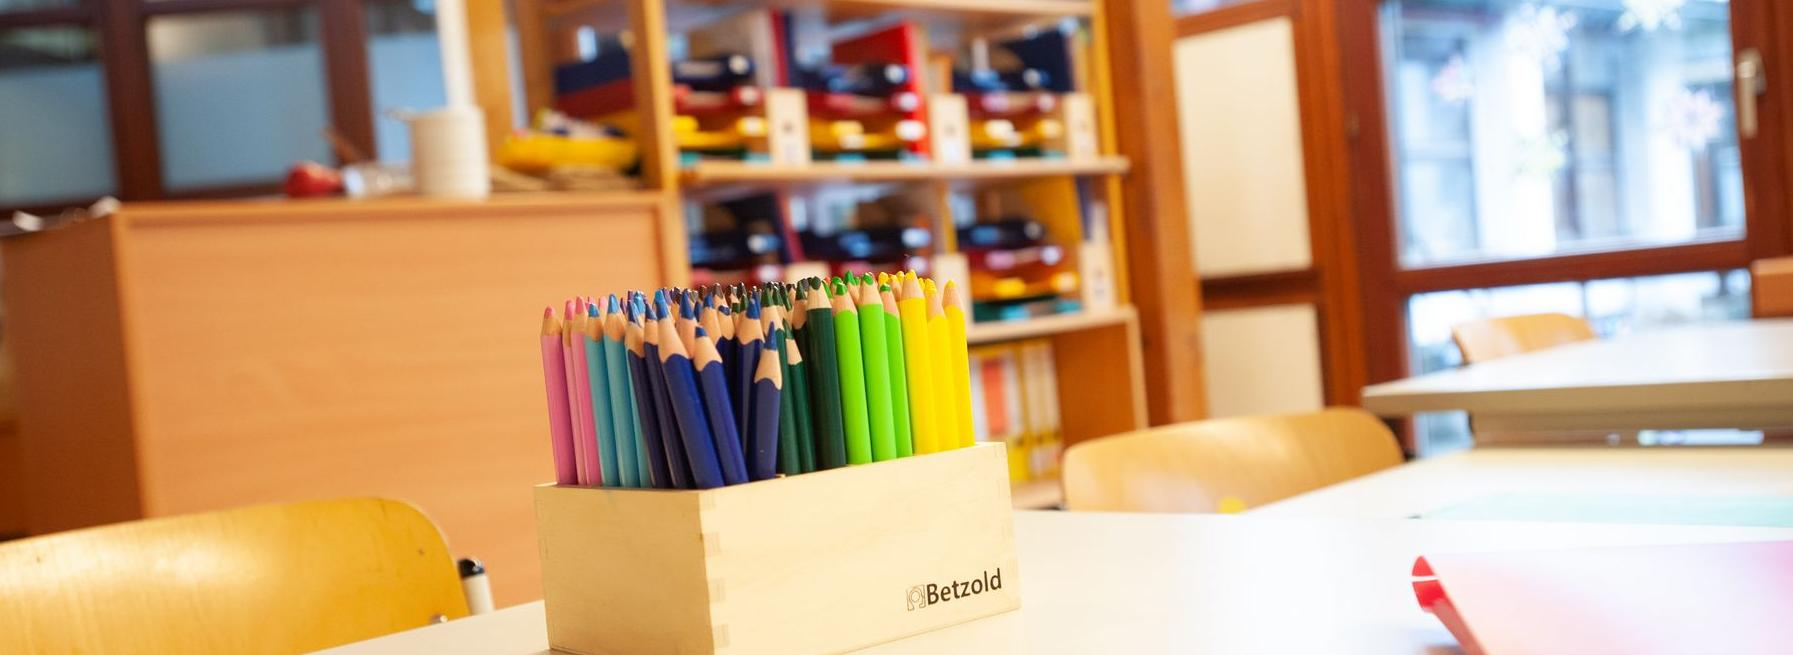 Schultisch mit Box mit Buntstiften 20190110_Schule_am_Favoritepark_267.jpg